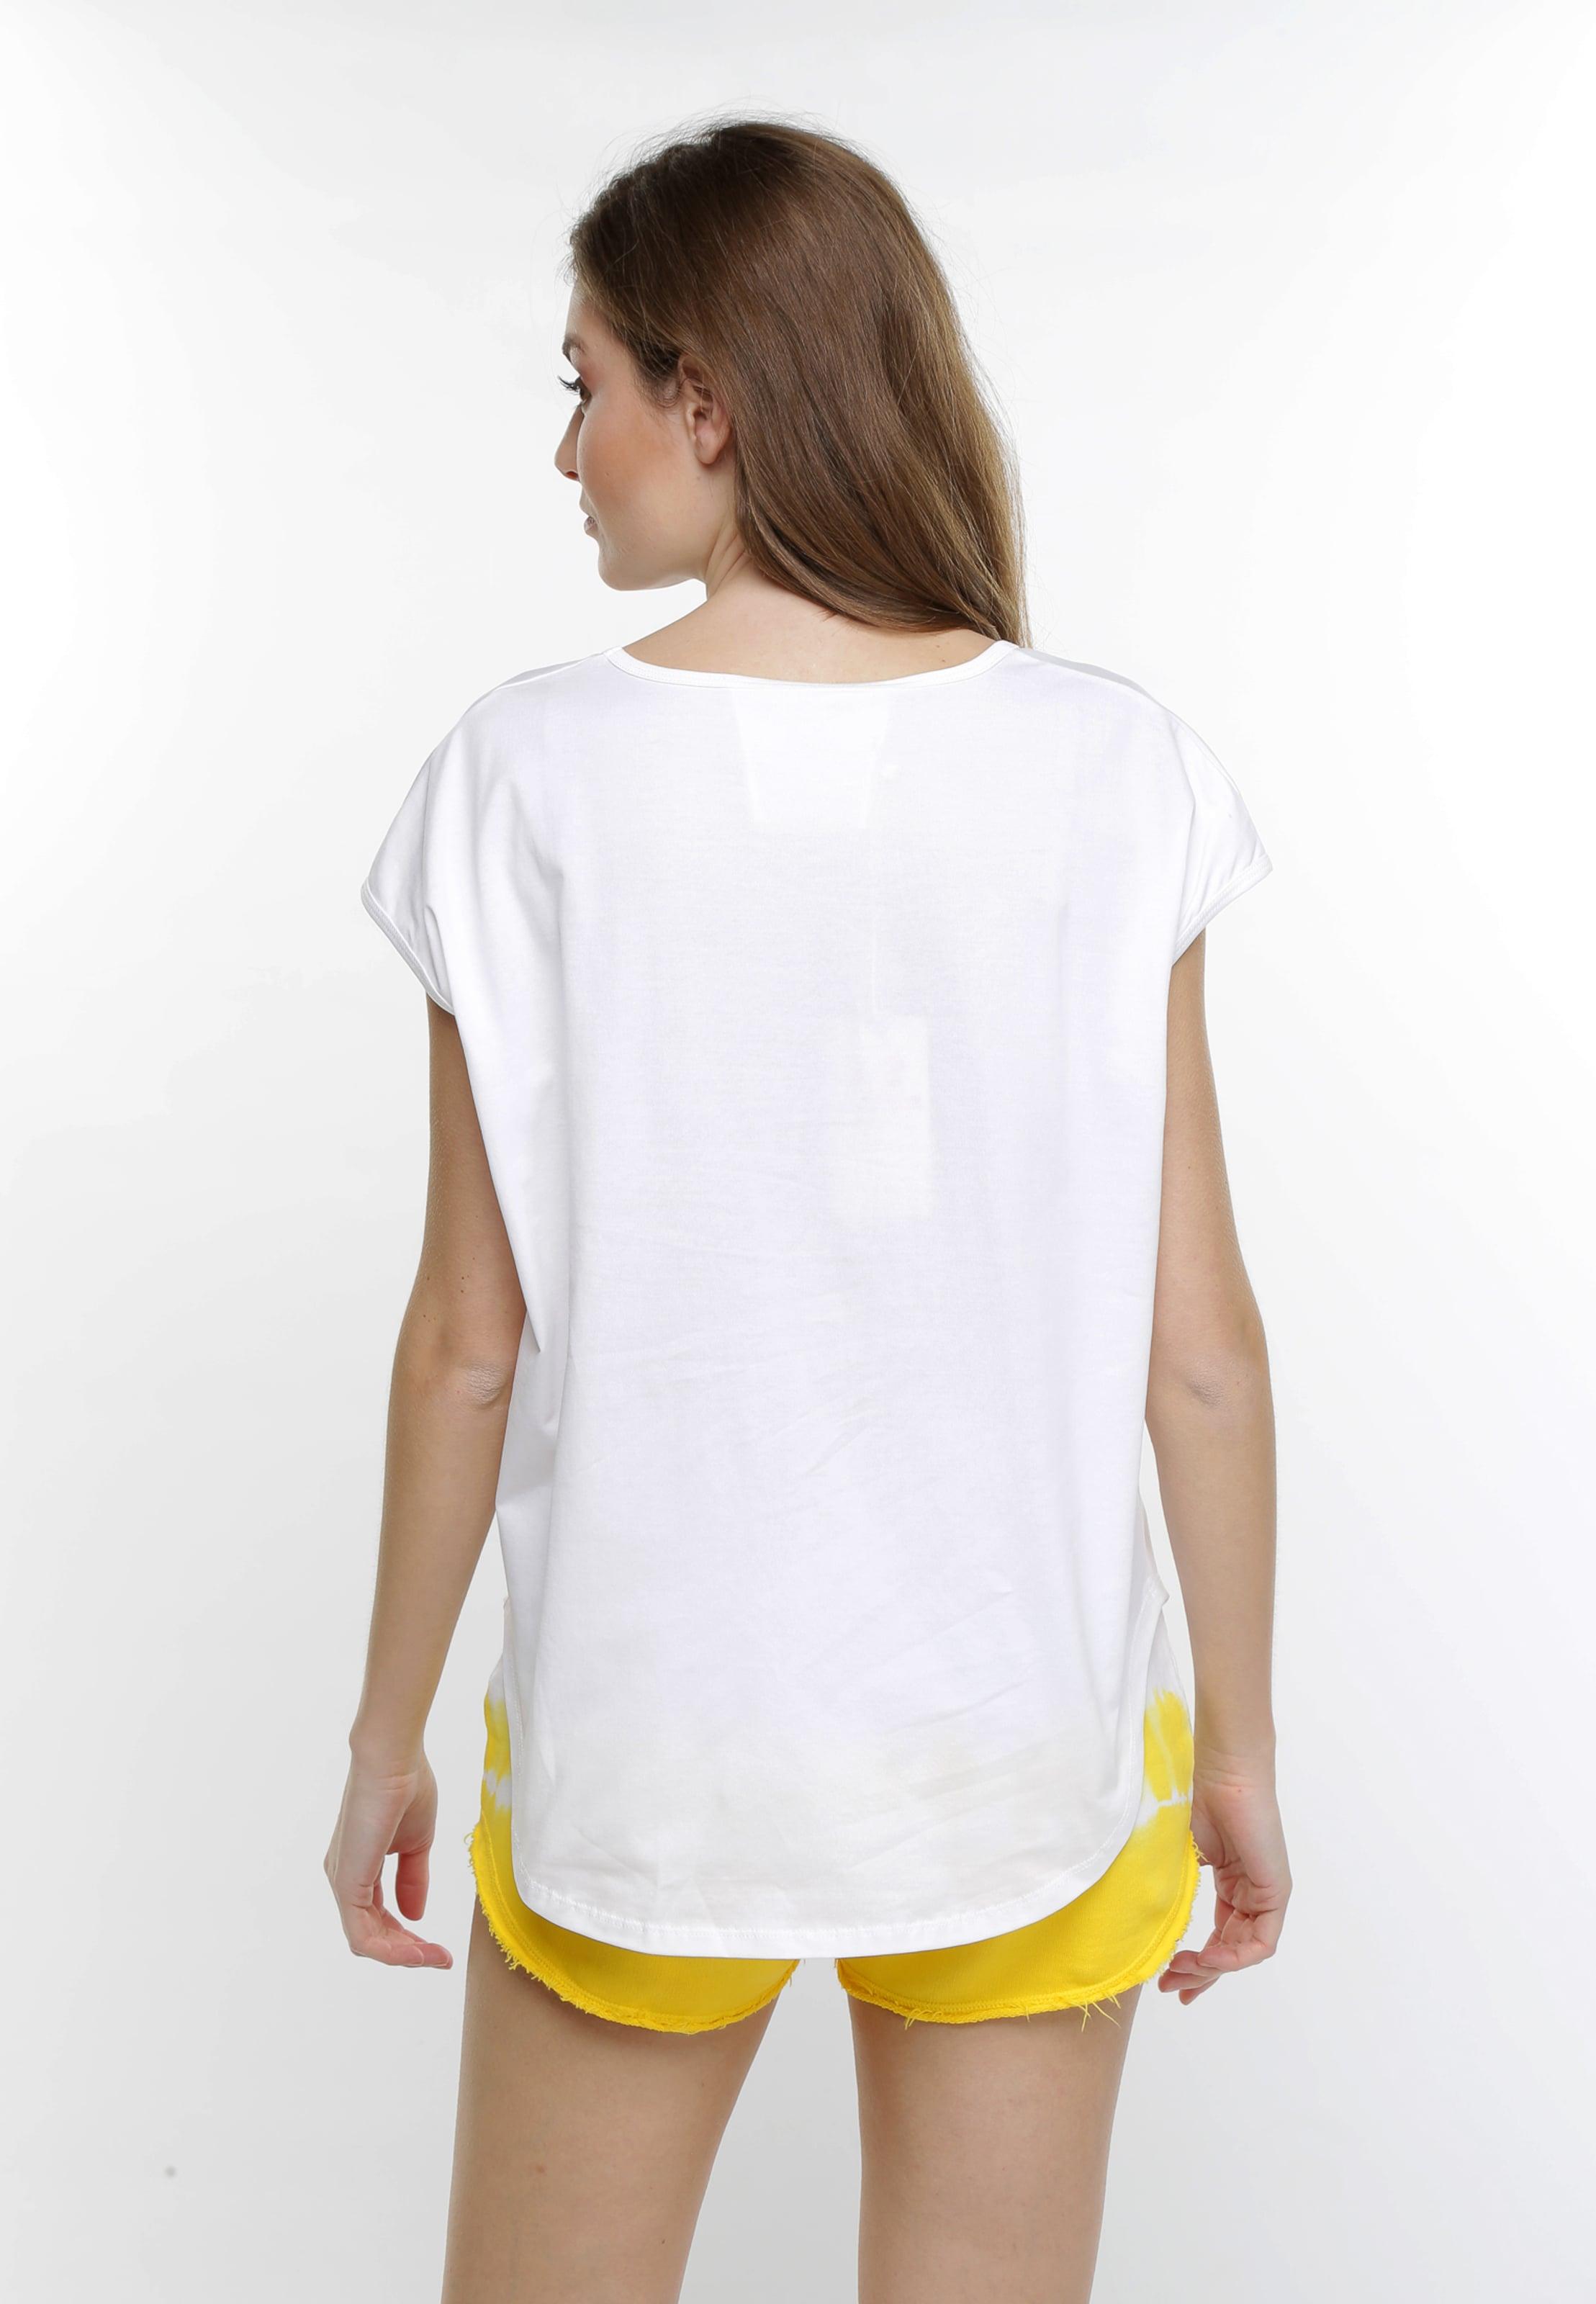 Shirt Gwynedds 'milly' Shirt 'milly' In Gwynedds Gwynedds PinkWeiß In Shirt PinkWeiß y7bgY6f